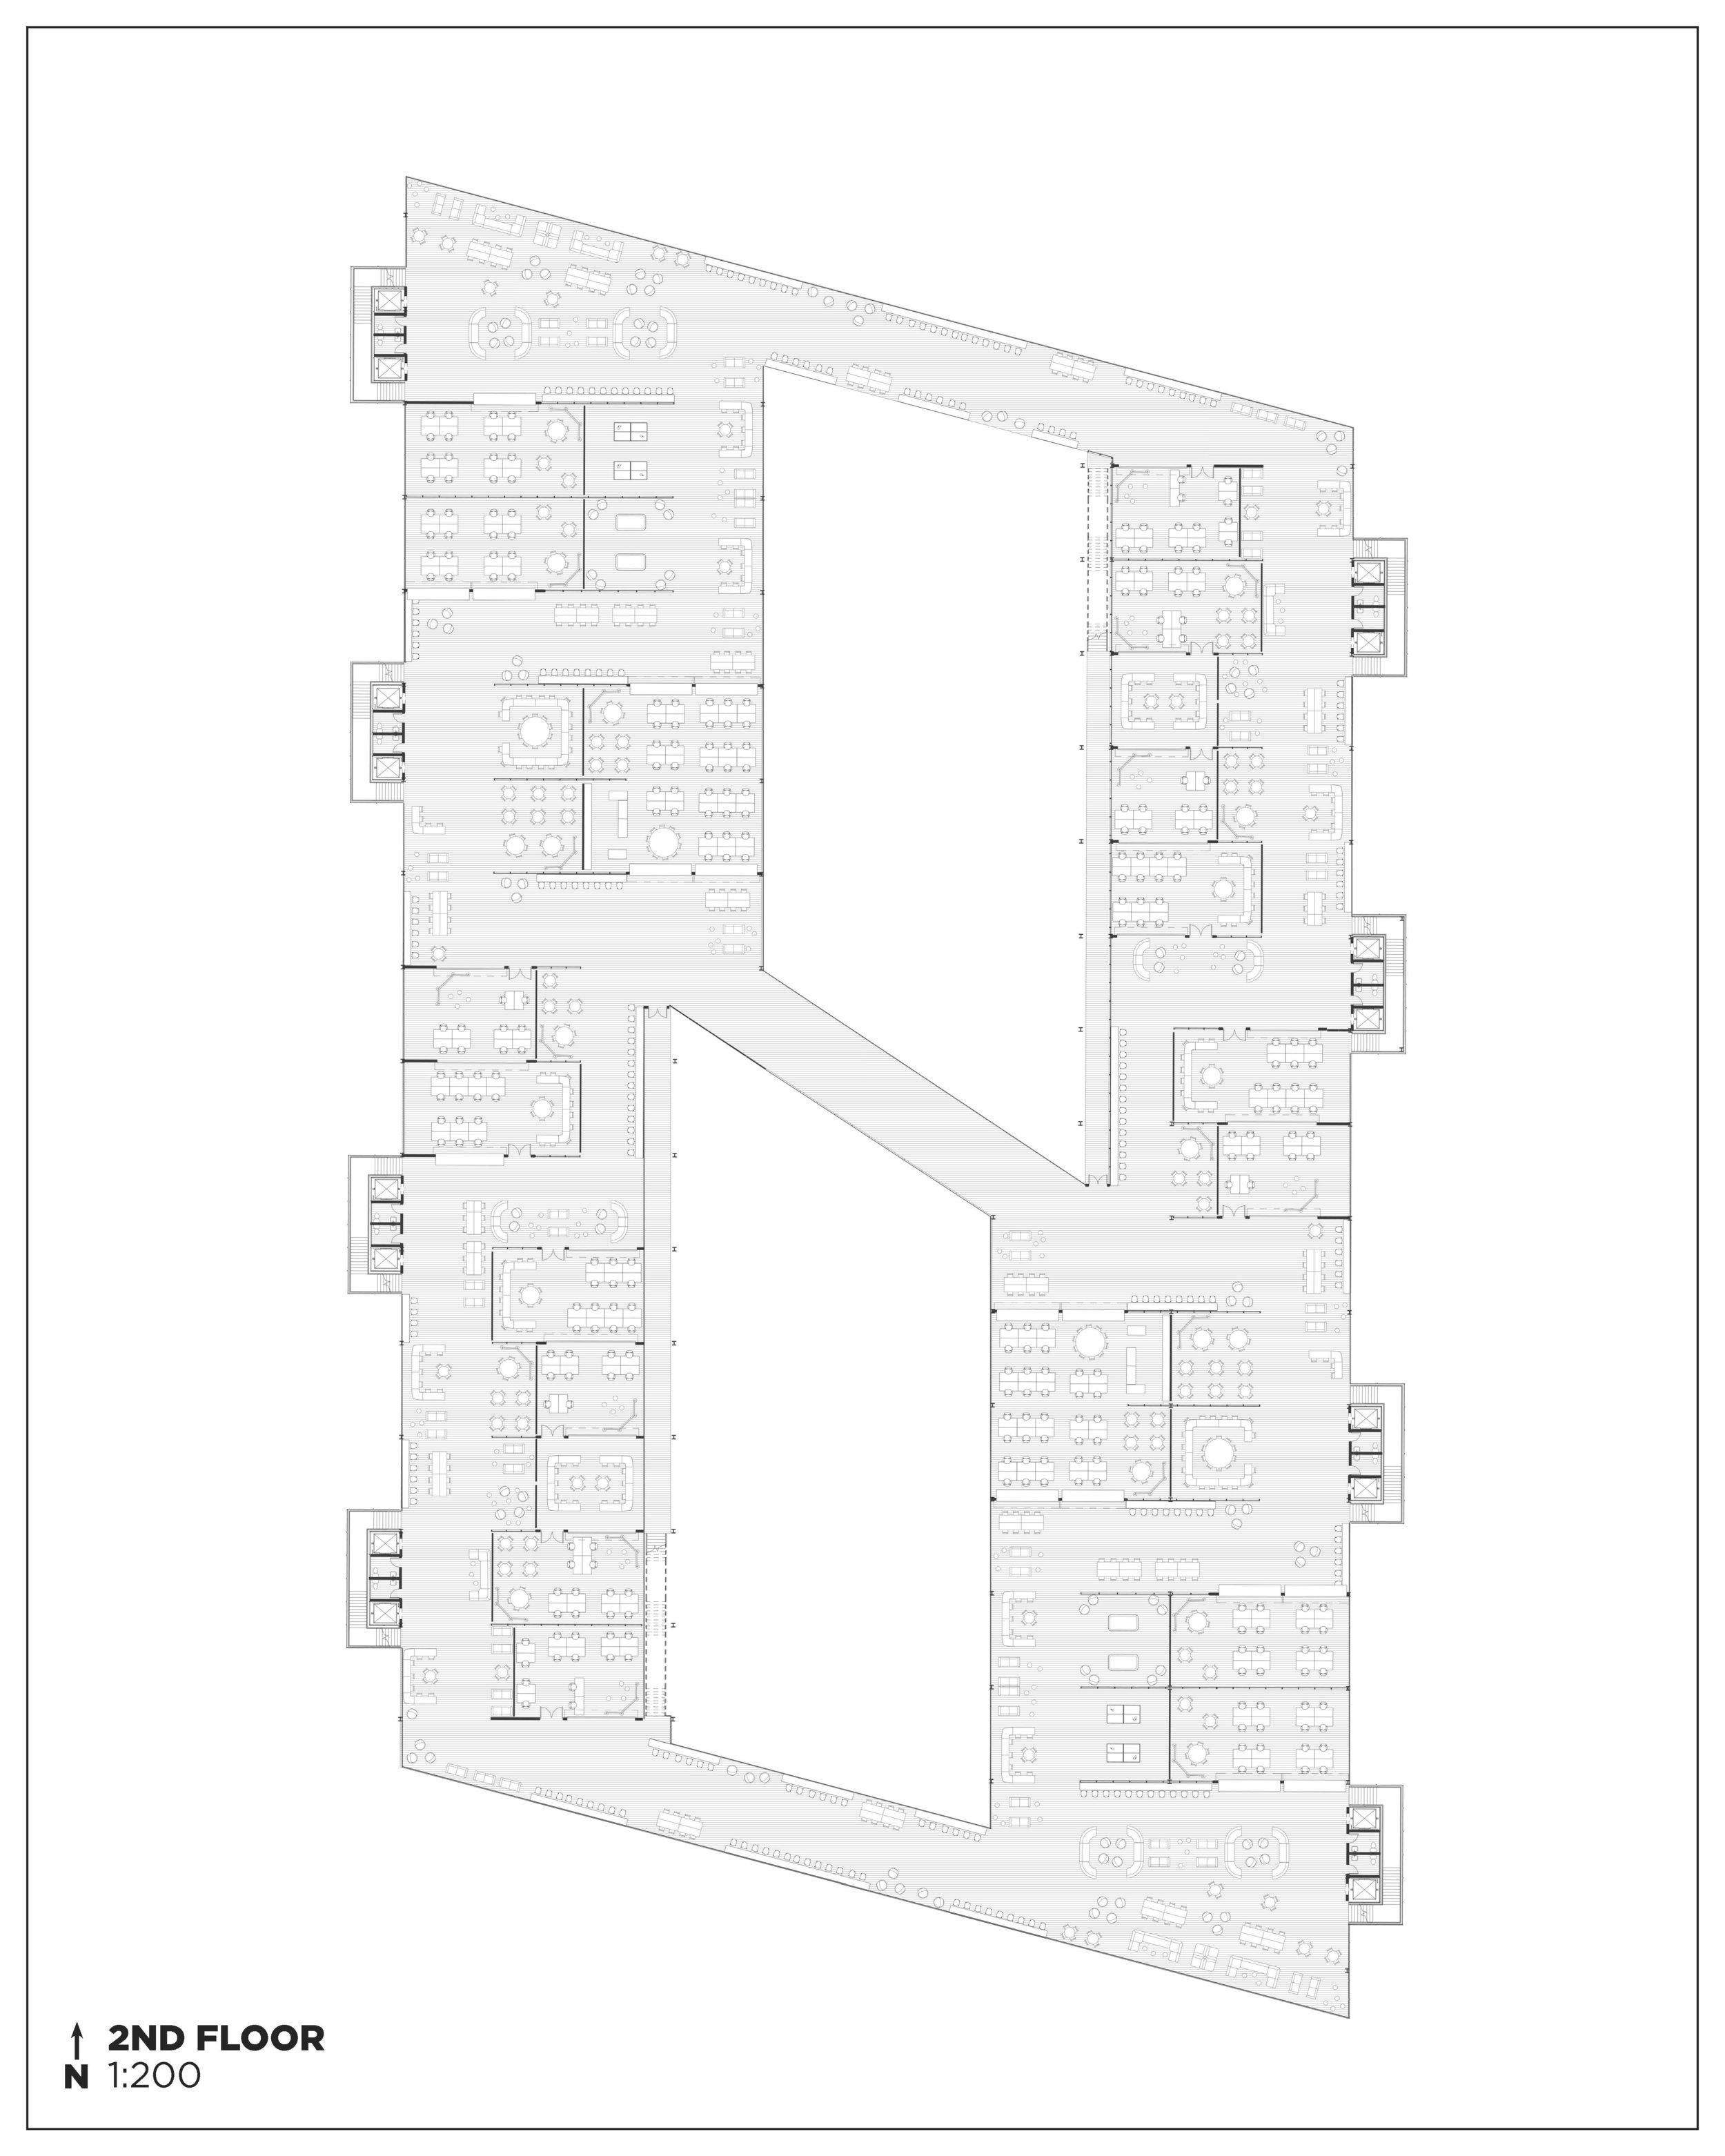 2nd Floor Plan.